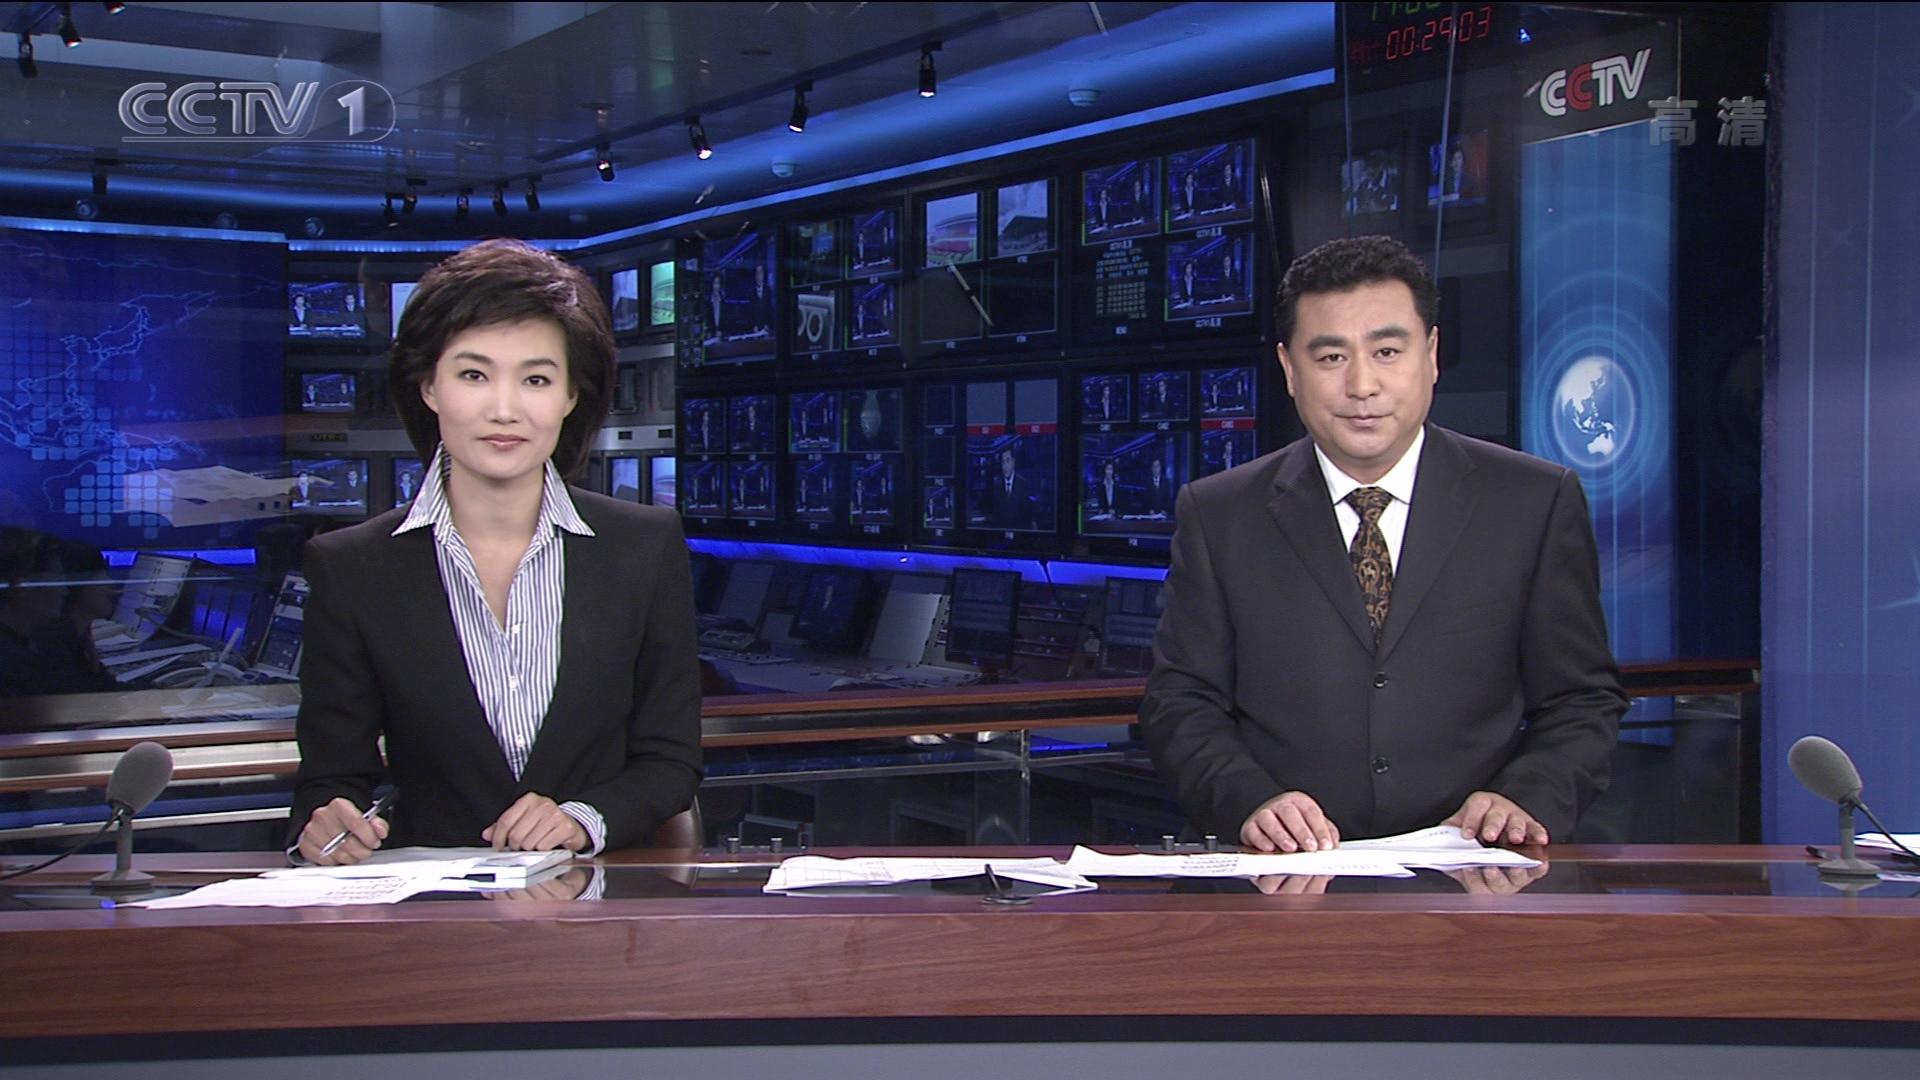 中央电视台资讯_中央电视1台_中央电视1台直播_淘宝助理